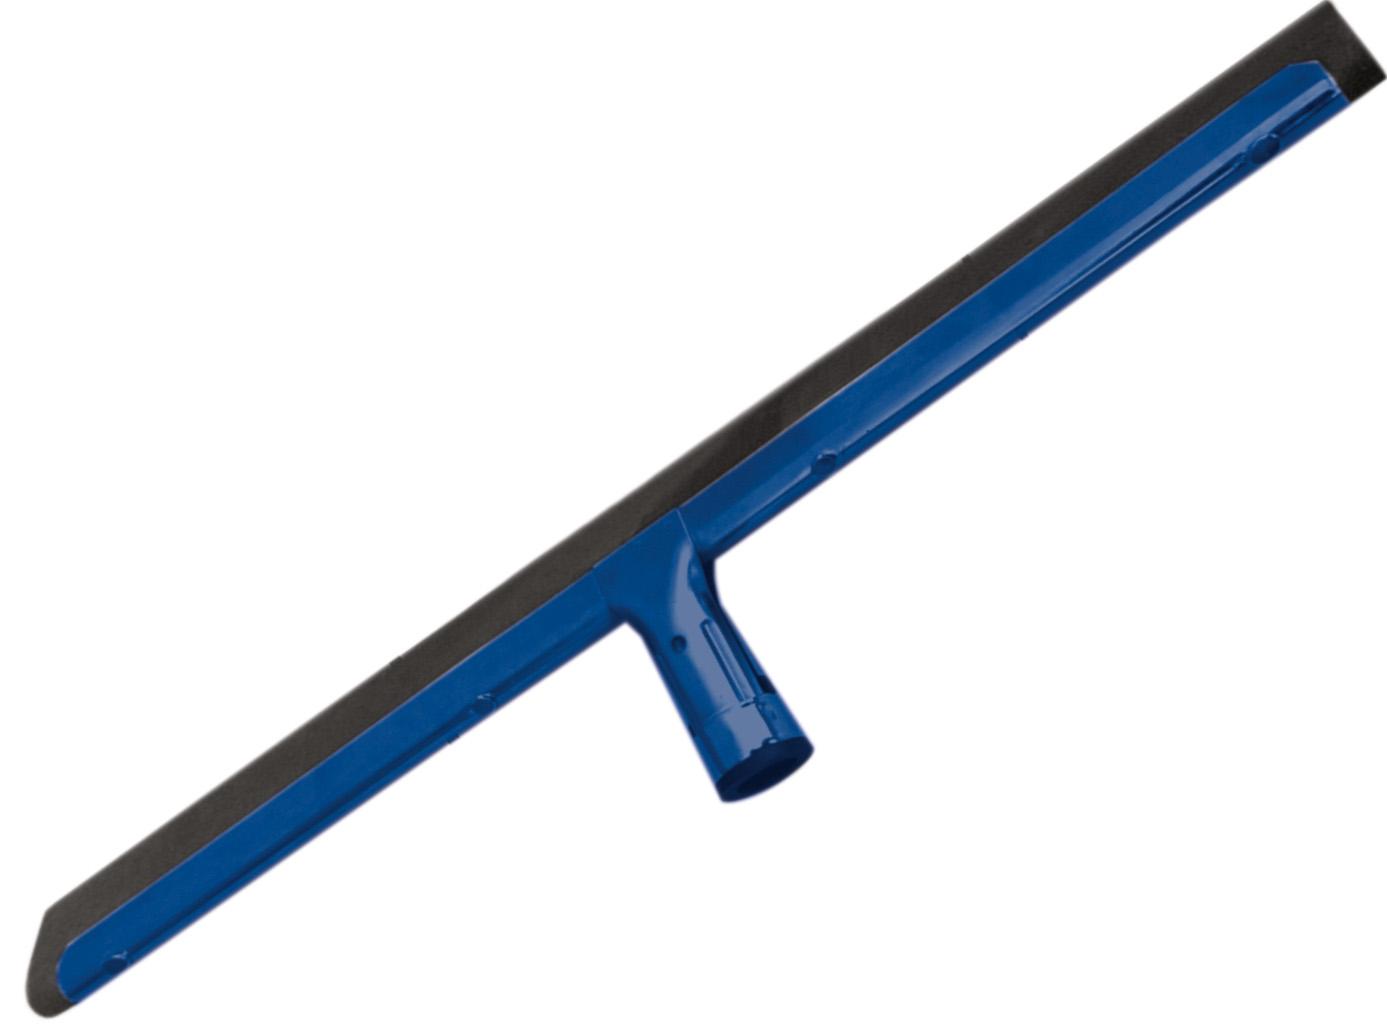 02331 - Wasserschieber 45cm, Kunststoff